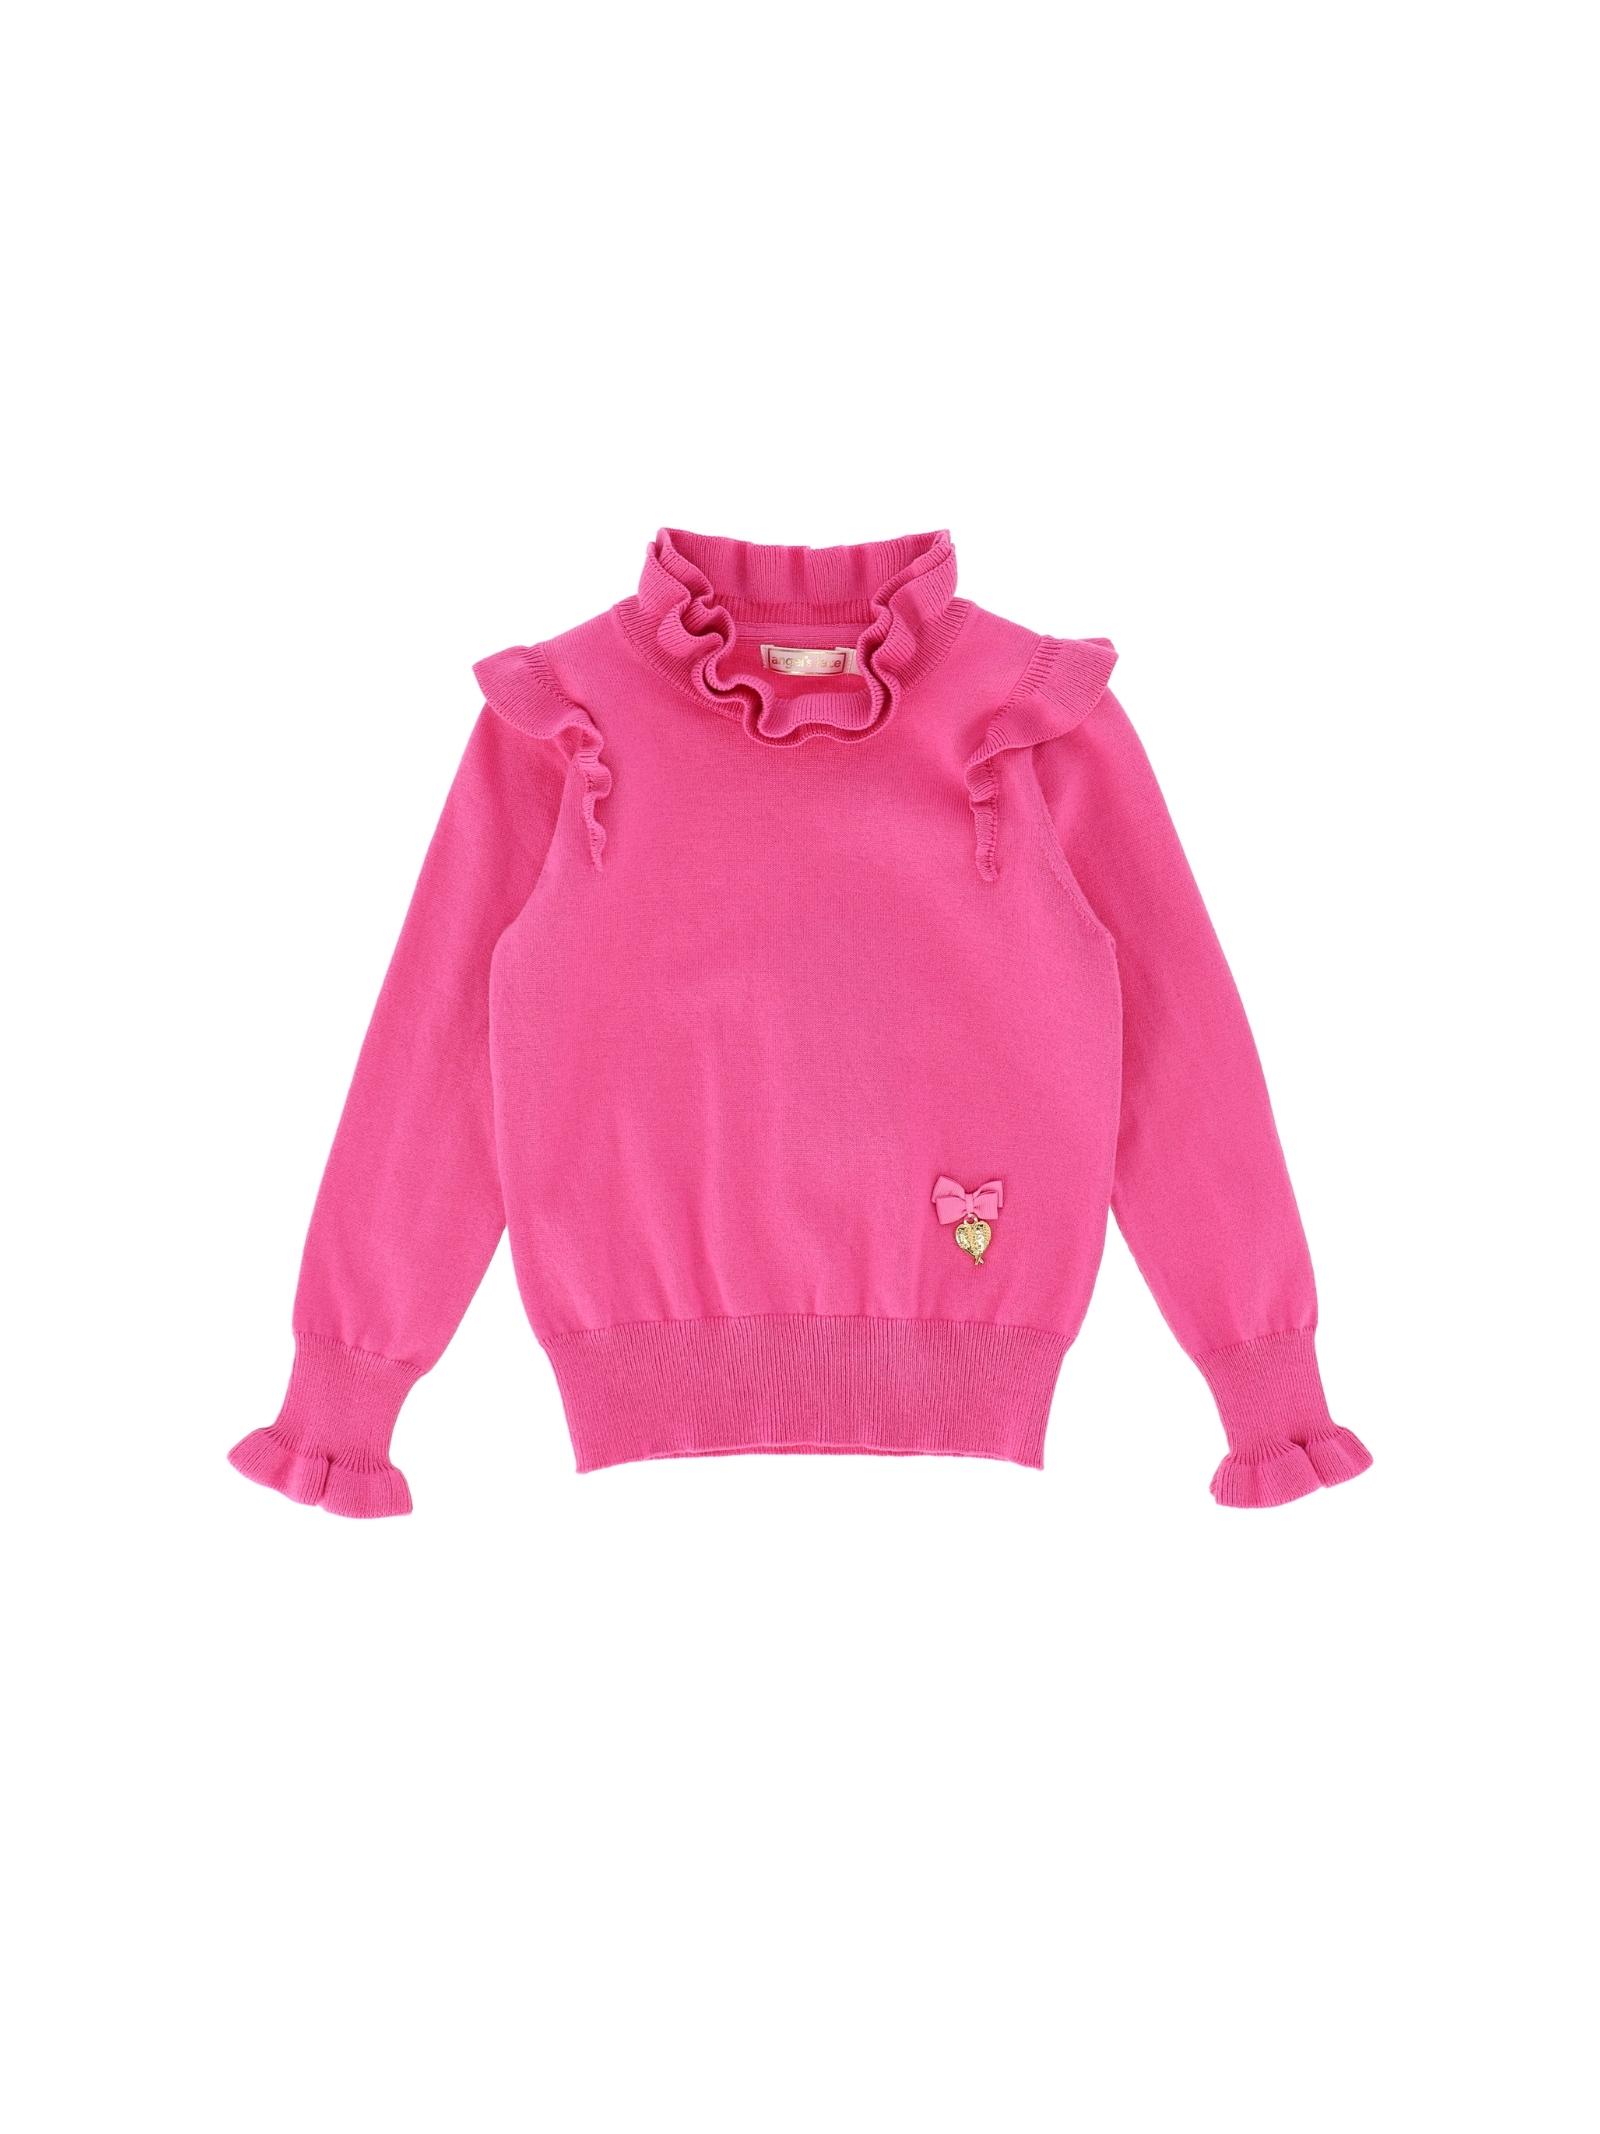 Maglione Rafaello Pop Pink Bambina ANGEL'S FACE   Maglioni   RAFAELLOPOP PINK